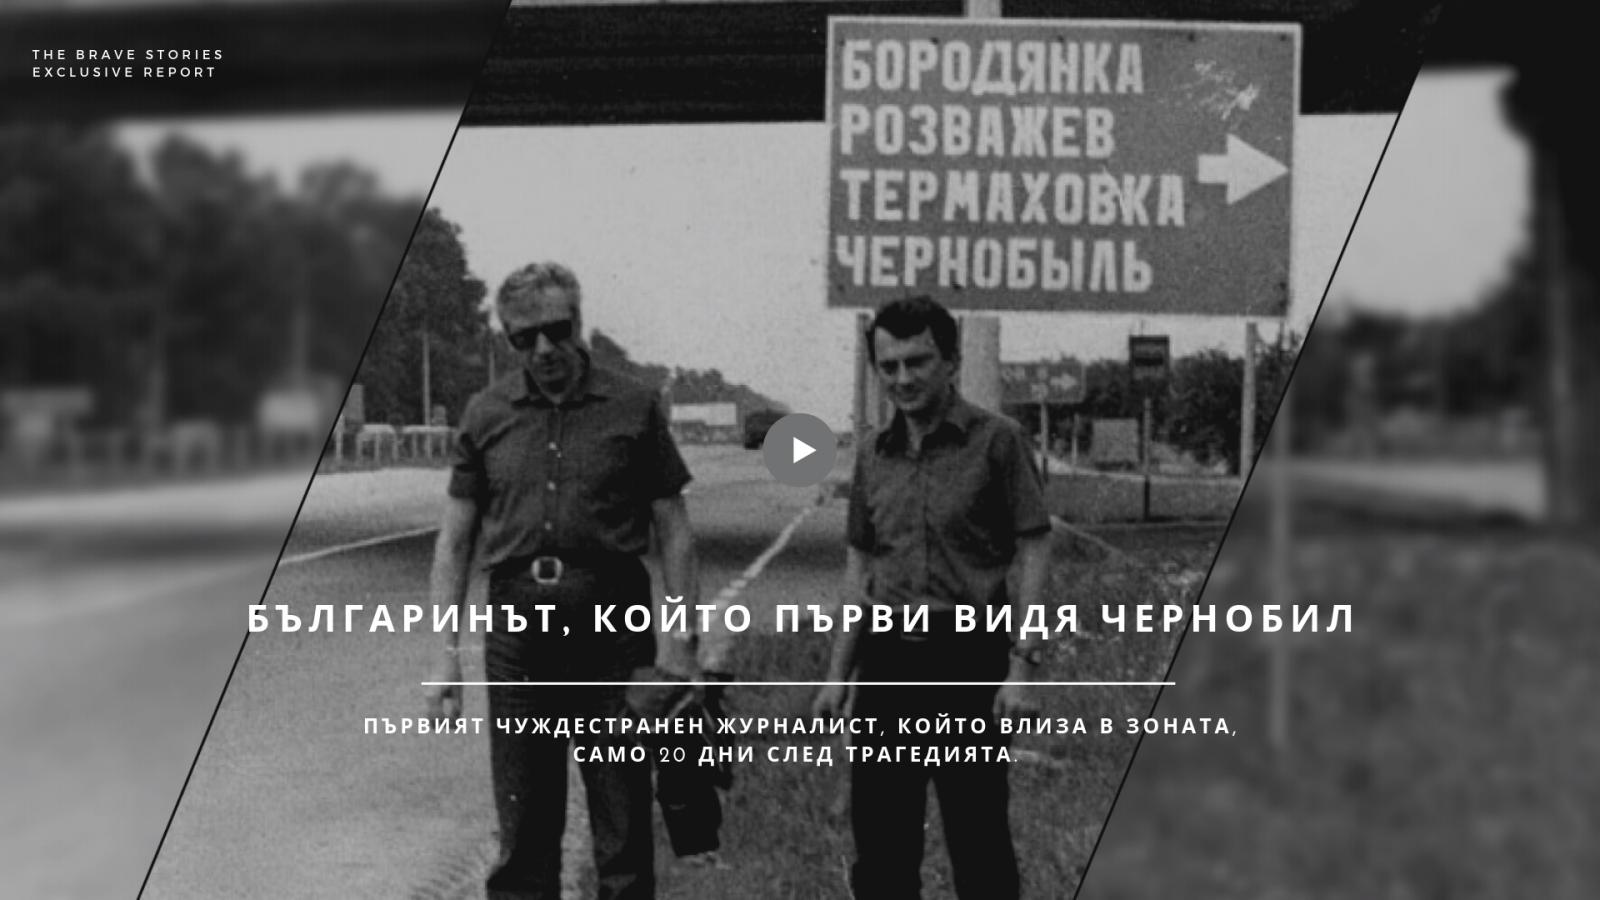 Йото, който гледаше Чернобил